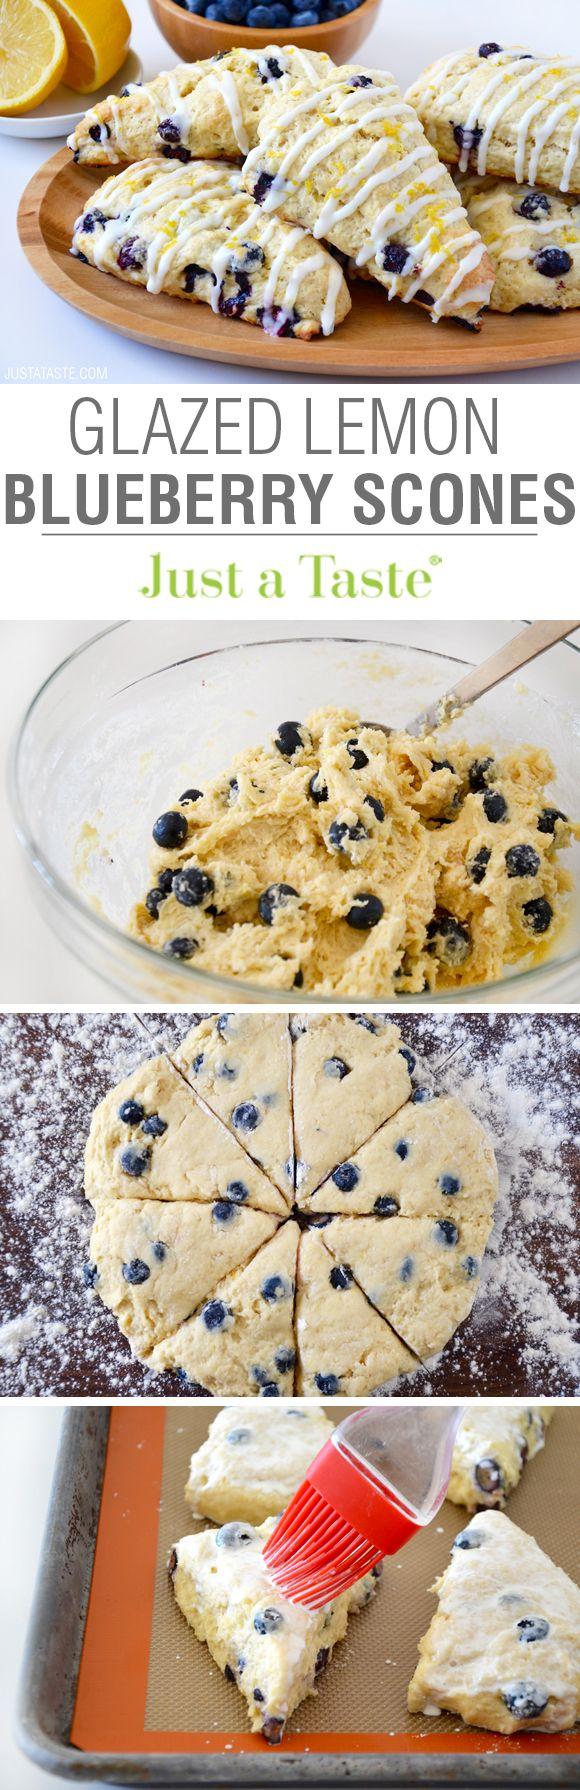 Glazed Lemon Blueberry Scones | recipe via justataste.com